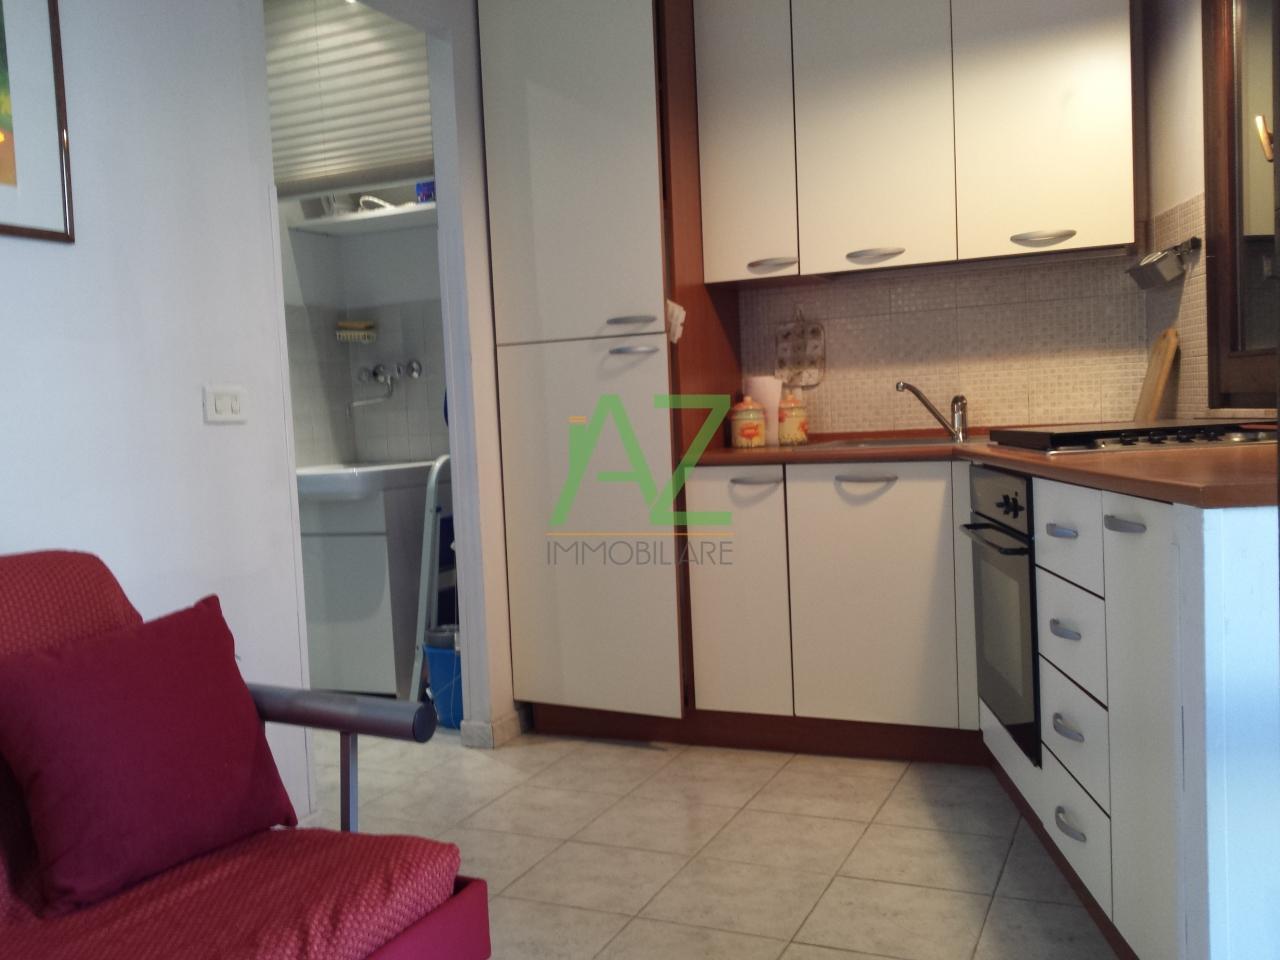 Appartamento in affitto a Acireale, 2 locali, prezzo € 400 | Cambio Casa.it